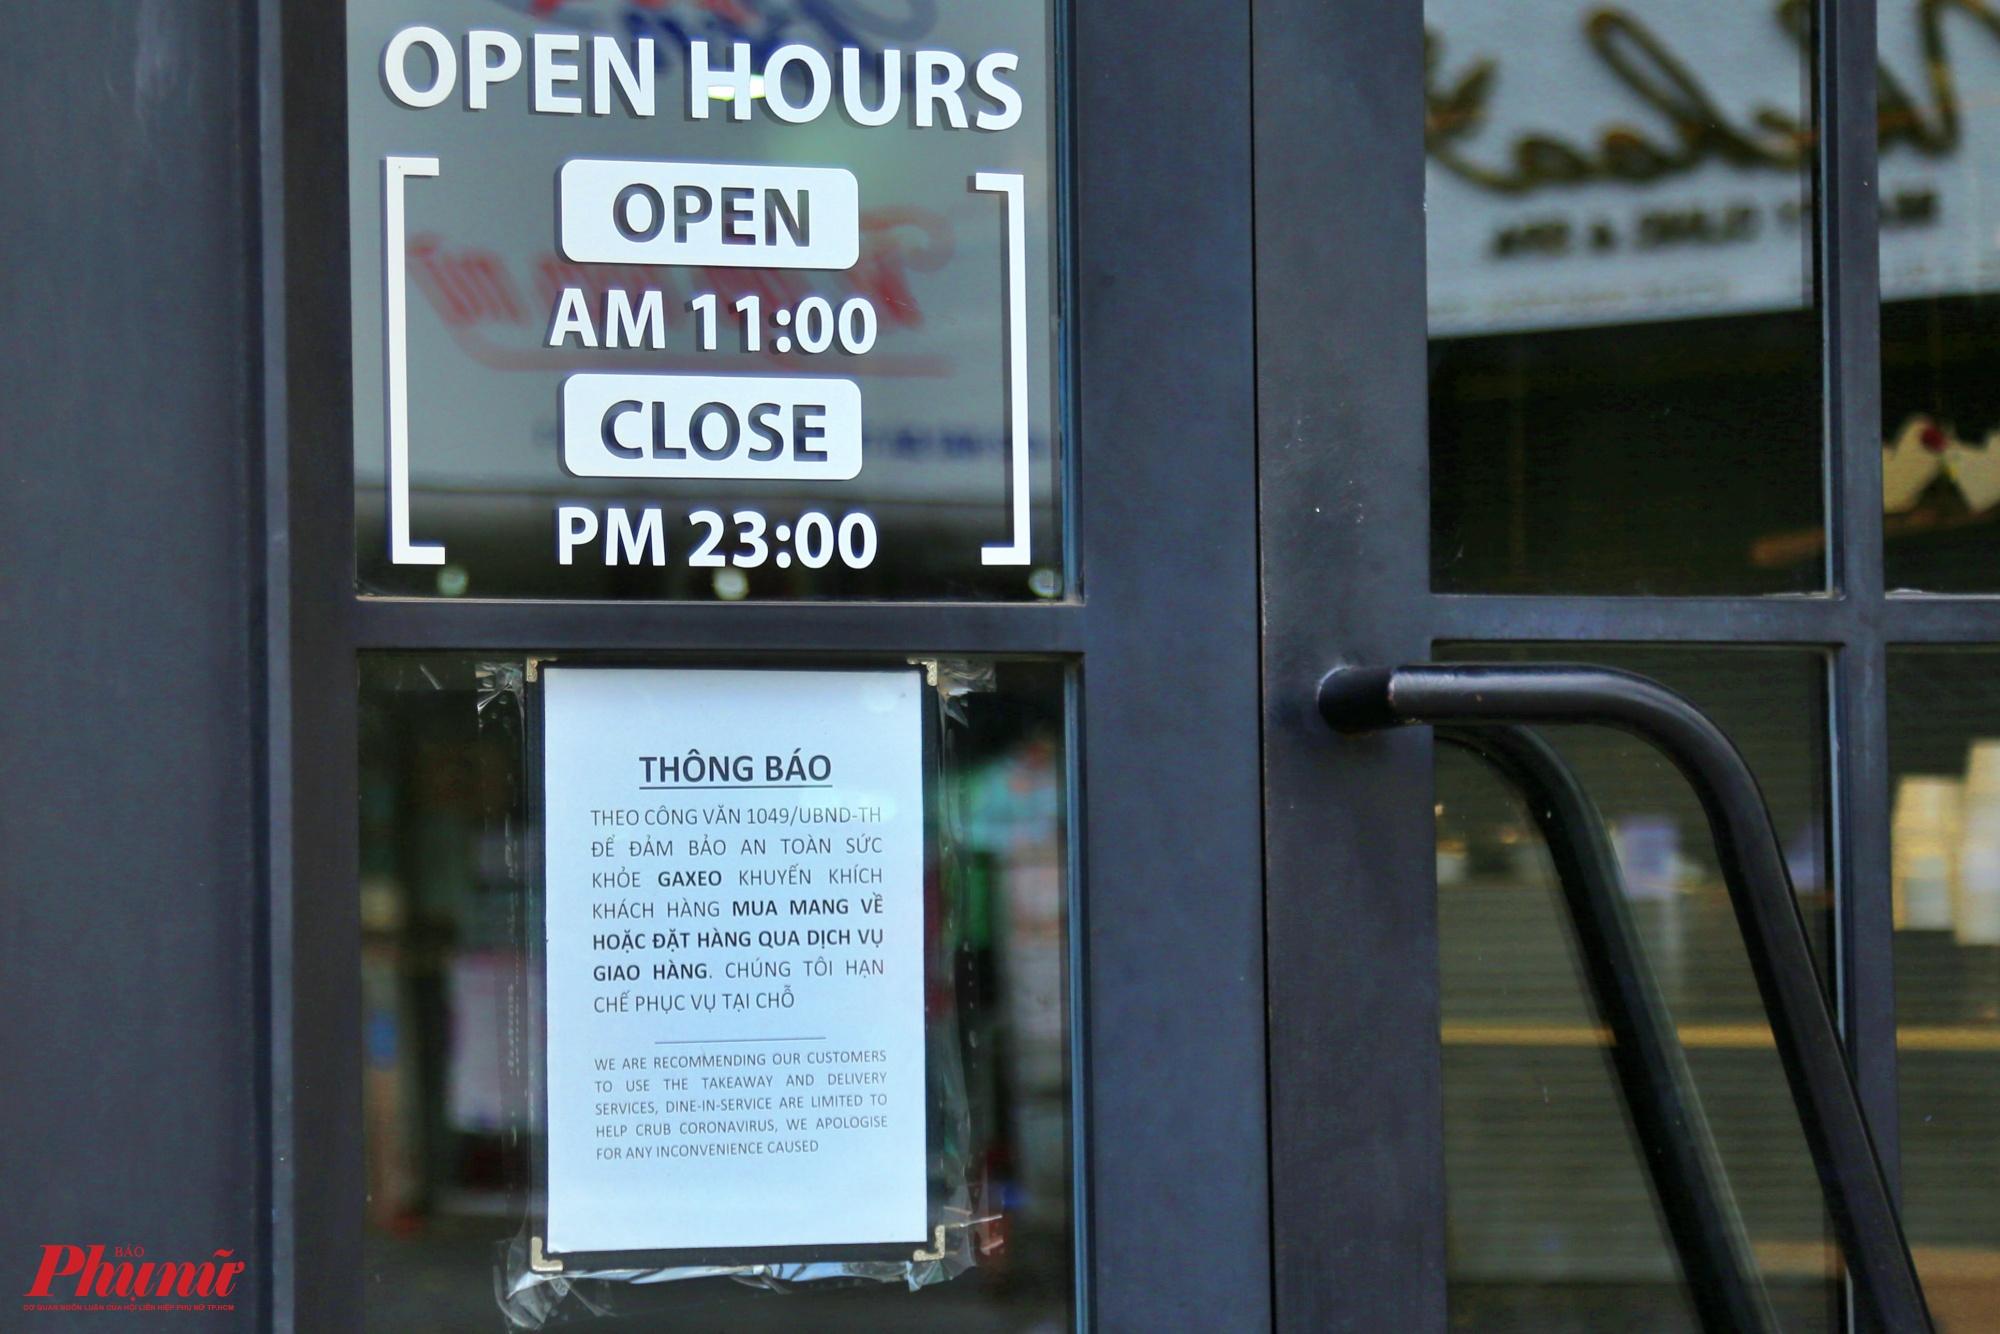 Nhiều hàng quán vẫn nghiêm chỉnh chấp hành quyết định tạm dừng hoạt động các khu vui chơi, giải trí, nhà hàng, quán beer club, cơ sở kinh doanh dịch vụ ăn uống (công suất phục vụ 30 người trở lên); CLB bida, phòng tập thể hình, cơ sở làm đẹp, uốn tóc, hớt tóc trên địa bàn TP kể từ 18h ngày 24-3-2020 đến hết ngày 31-3-2020 để đảm bảo an toàn tuyệt đối trong phòng chống COVID-19. Ảnh chụp tại một nhà hàng trên đường Hai Bà Trưng, quận 1